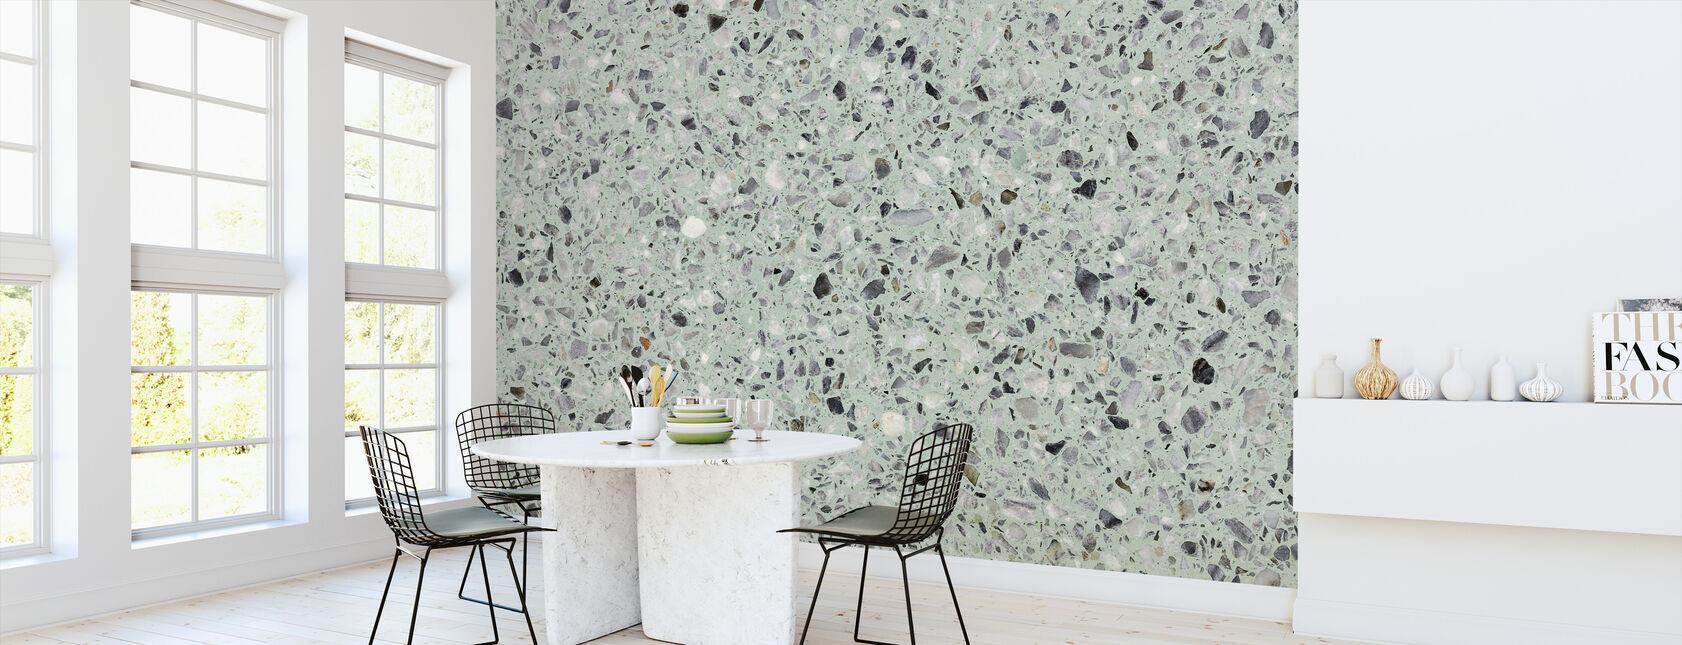 Mint Green Terrazzo - Wallpaper - Kitchen